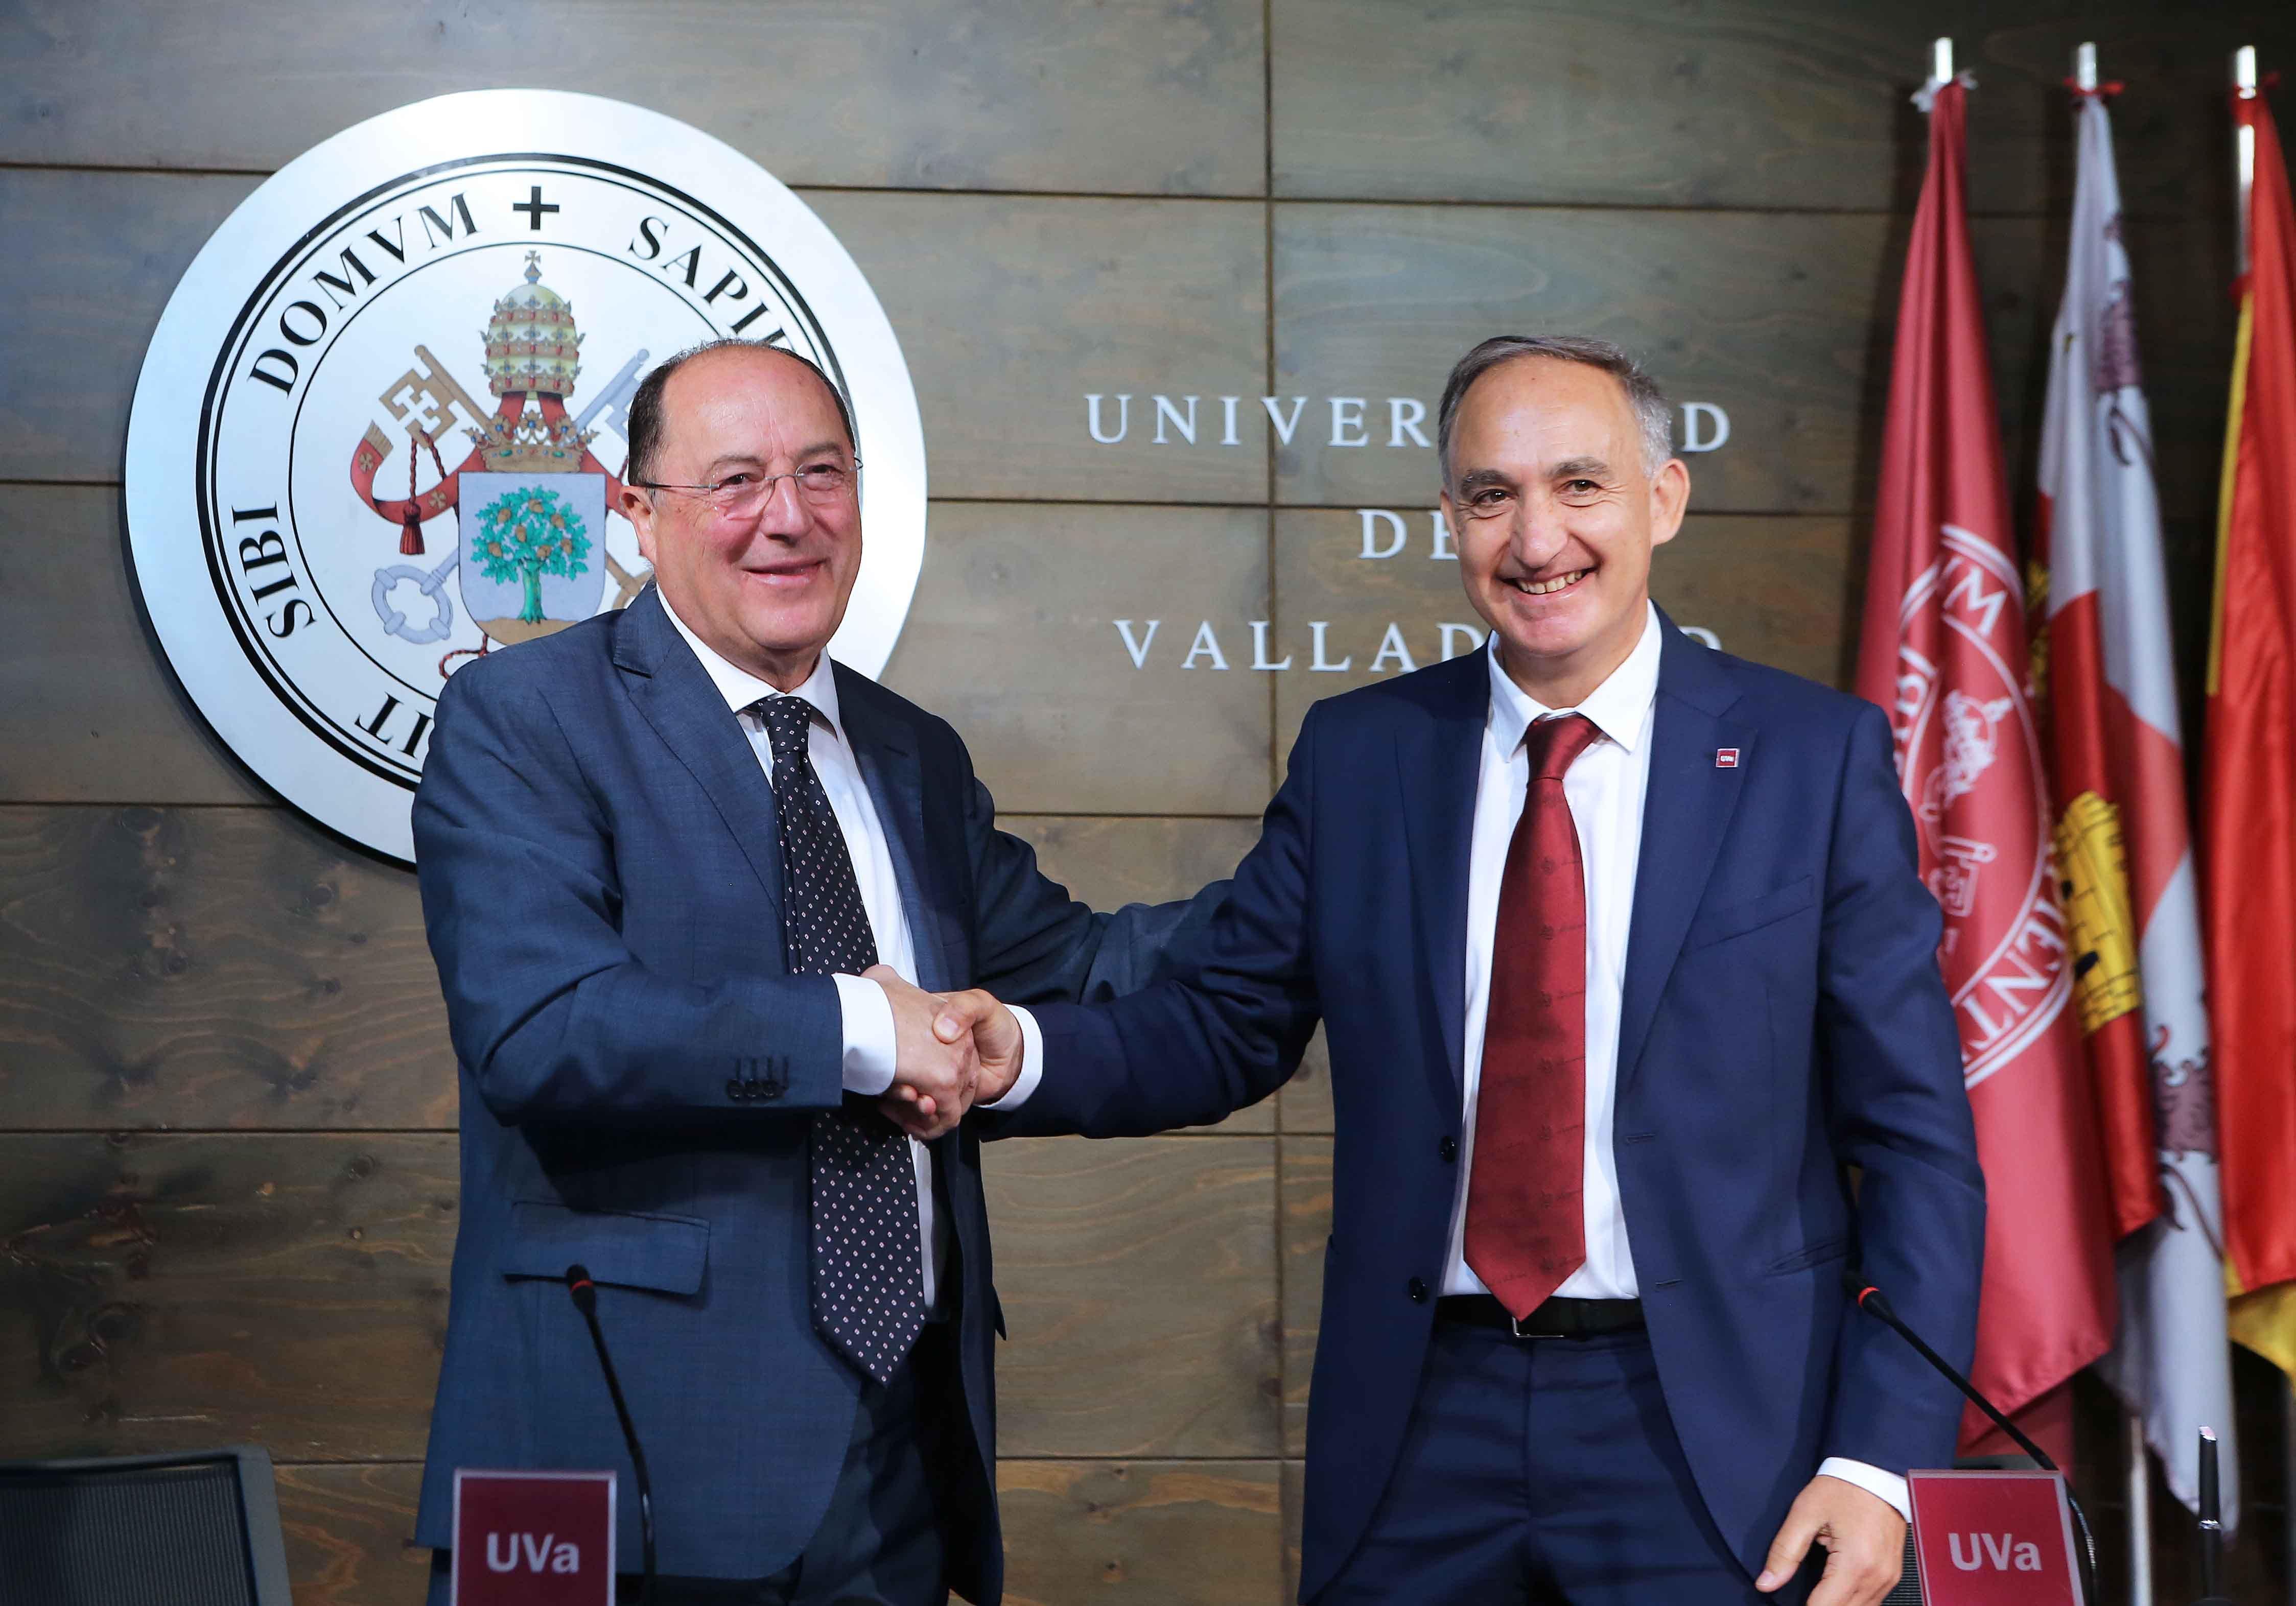 Matarromera y la Universidad de Valladolid firman un acuerdo para el desarrollo de proyectos innovadores